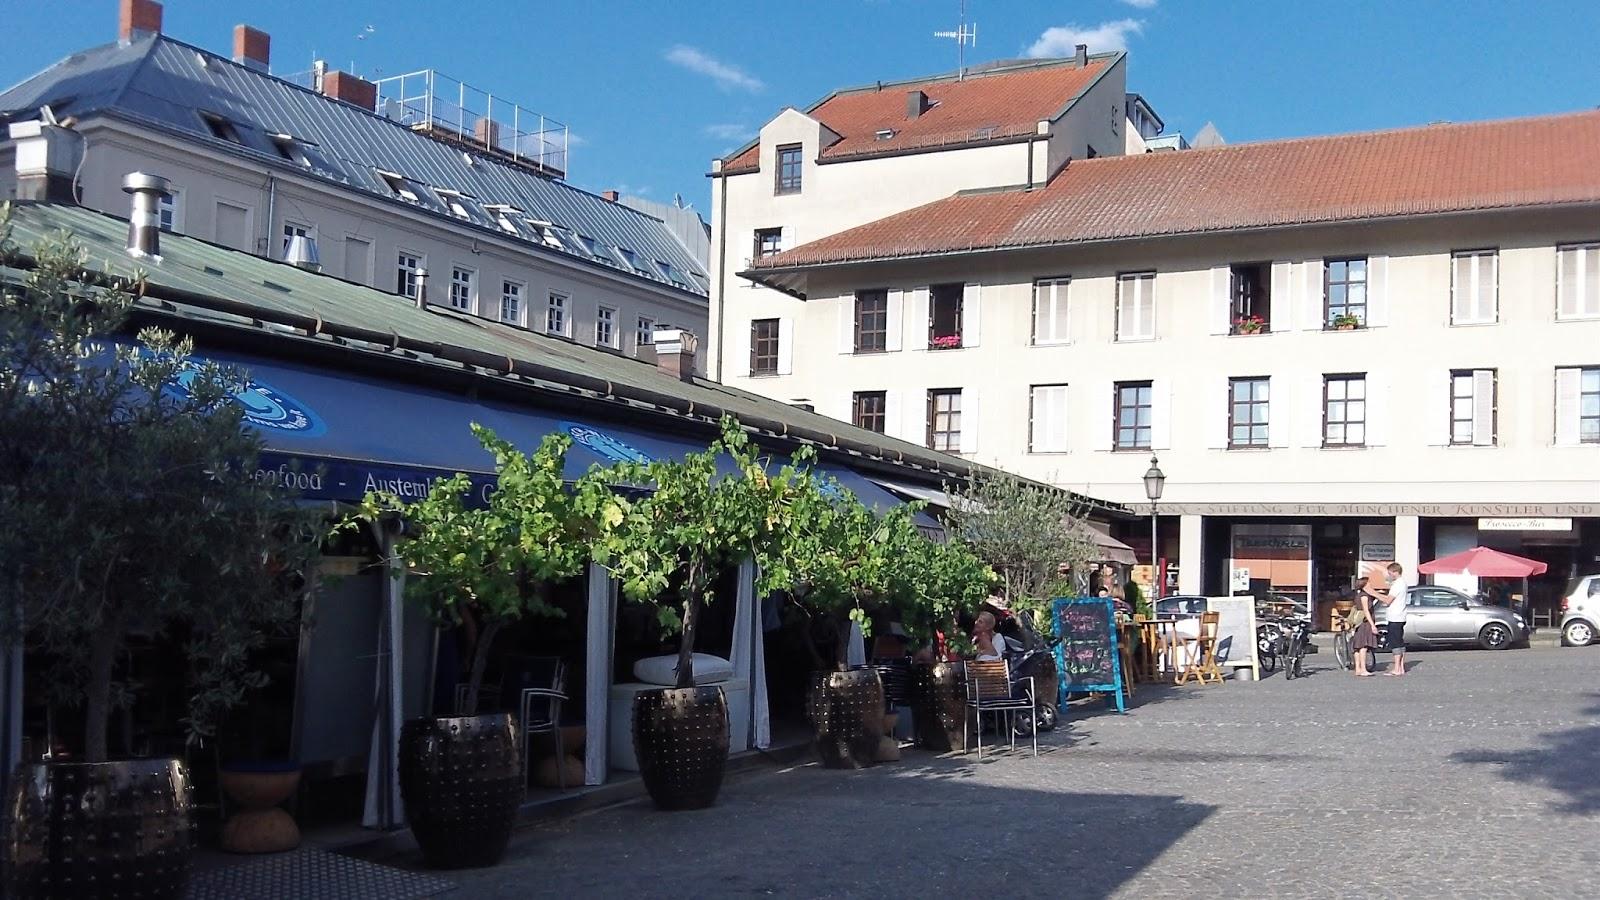 Comprare casa a monaco di baviera in germania punto vendita viktualienmarkt monaco di baviera - Comprare casa a monaco di baviera ...